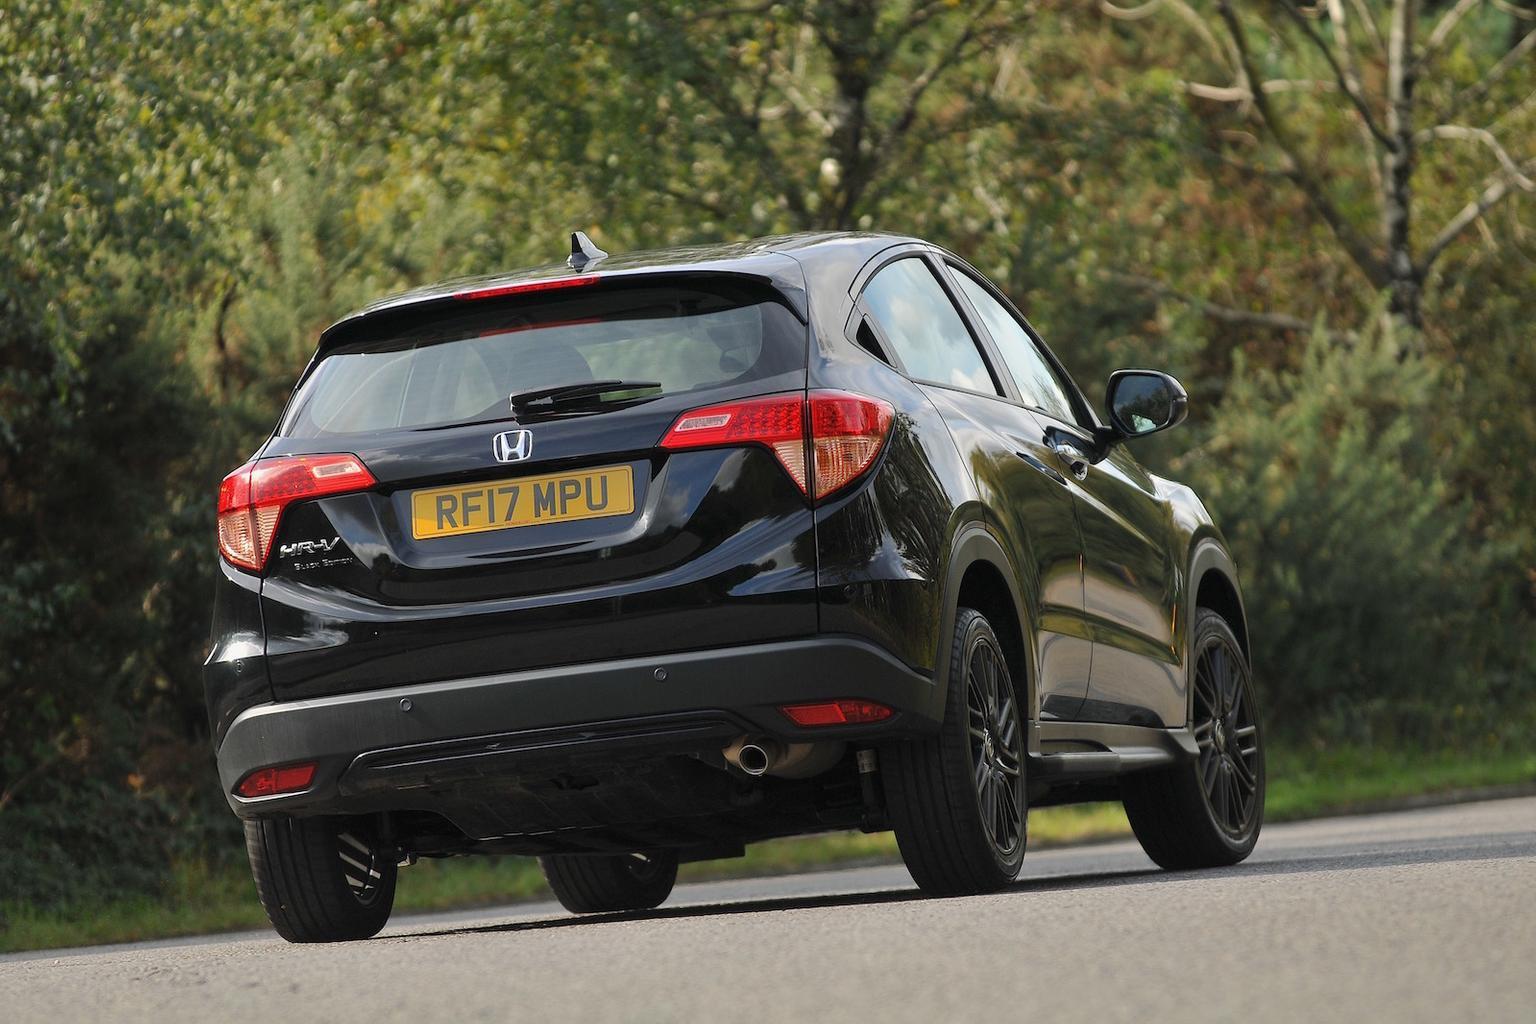 Honda HR-V 1.6 i-DTEC Black Edition review - verdict